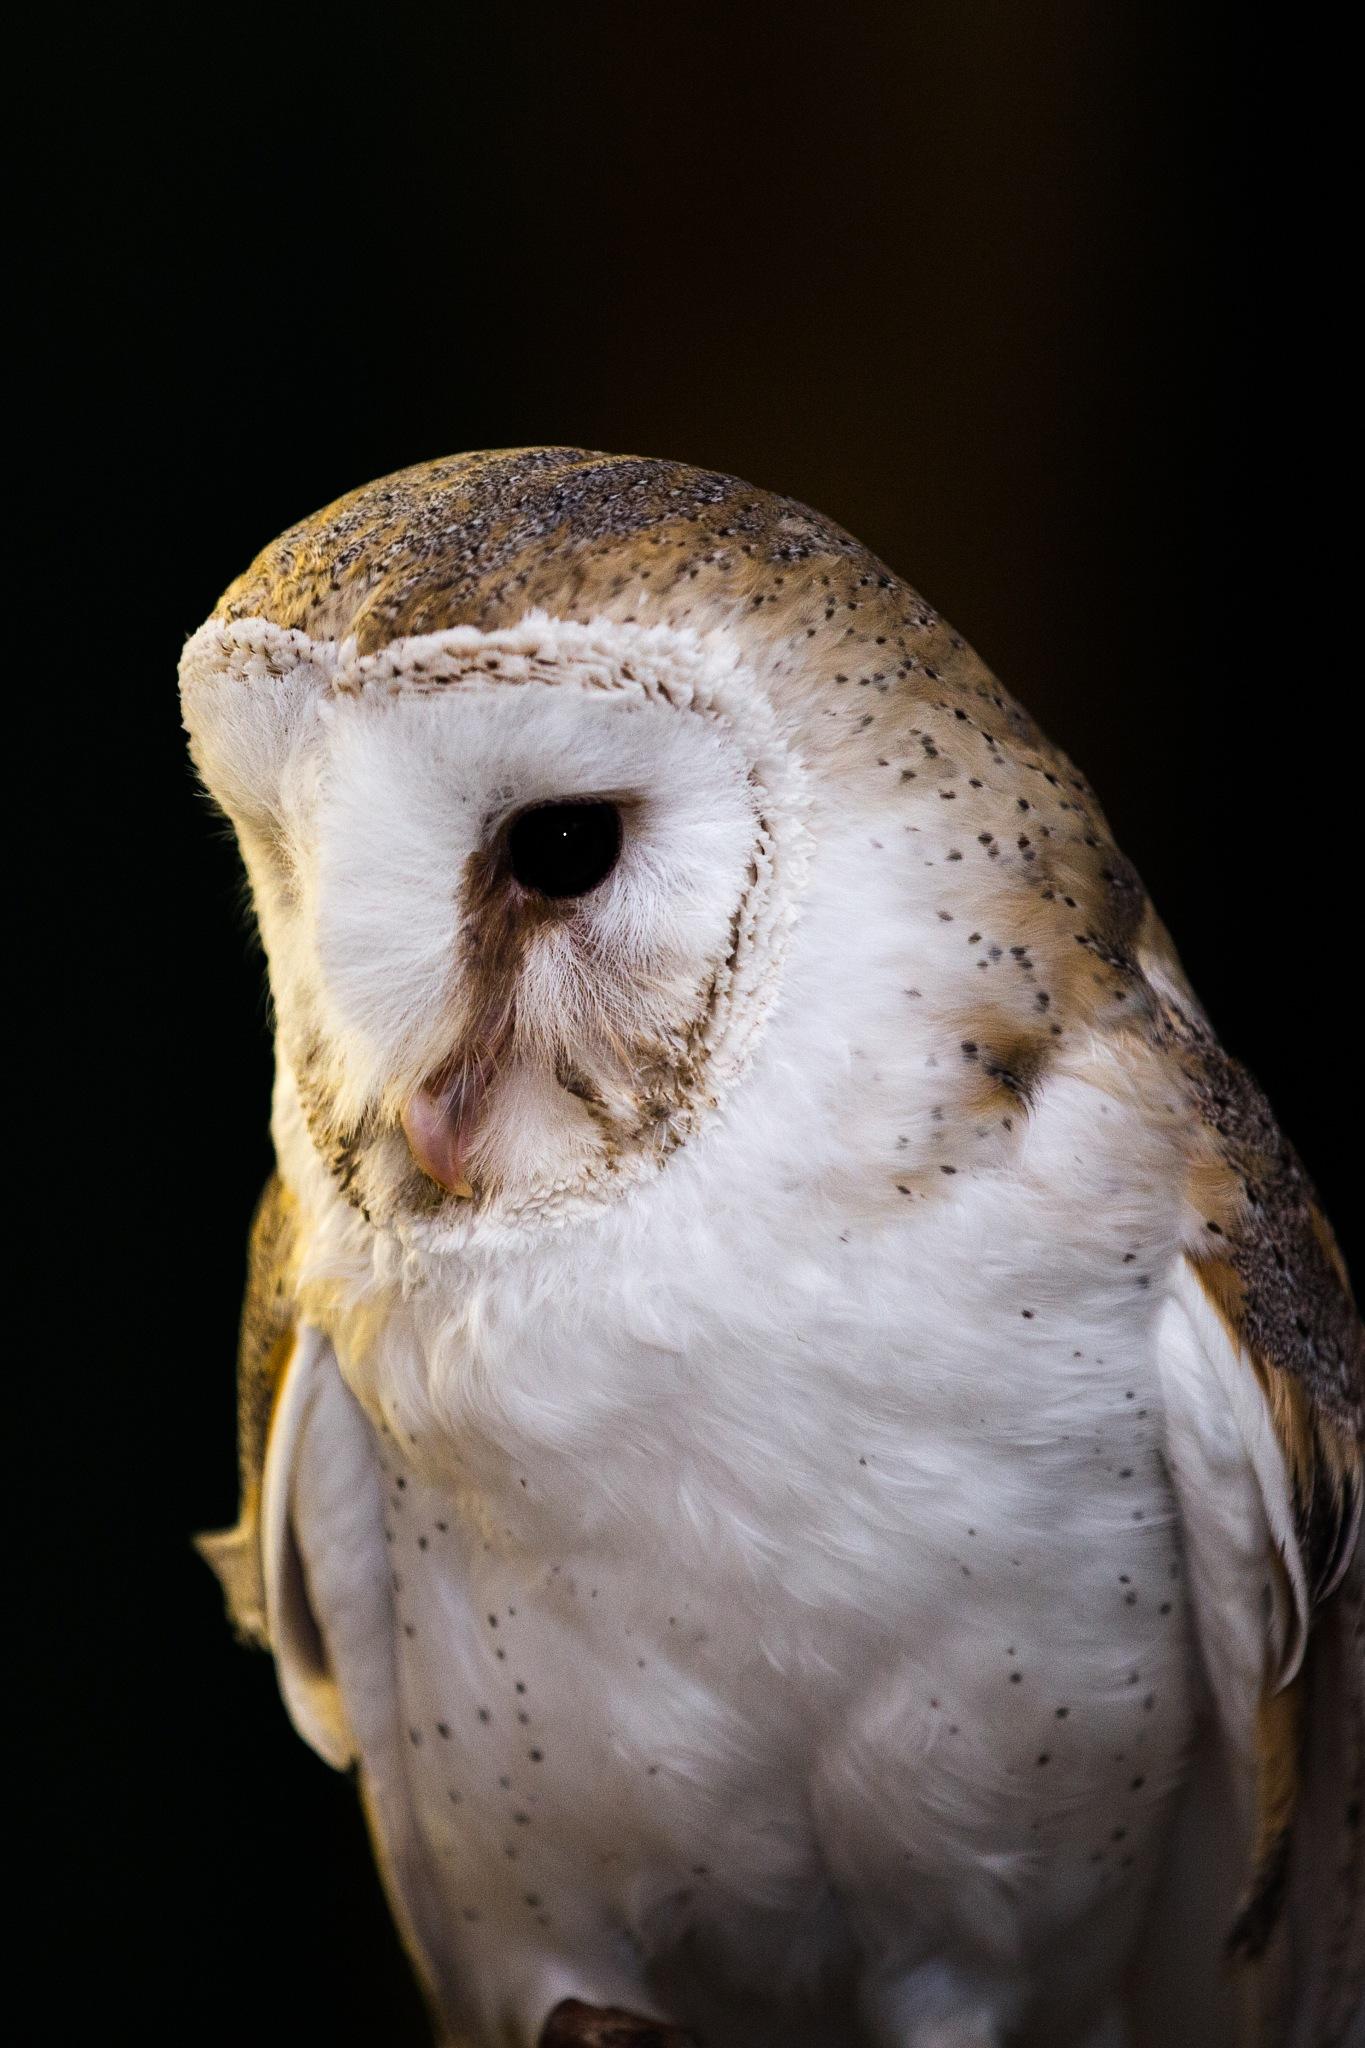 Moody Owl by Gareth Sawbridge